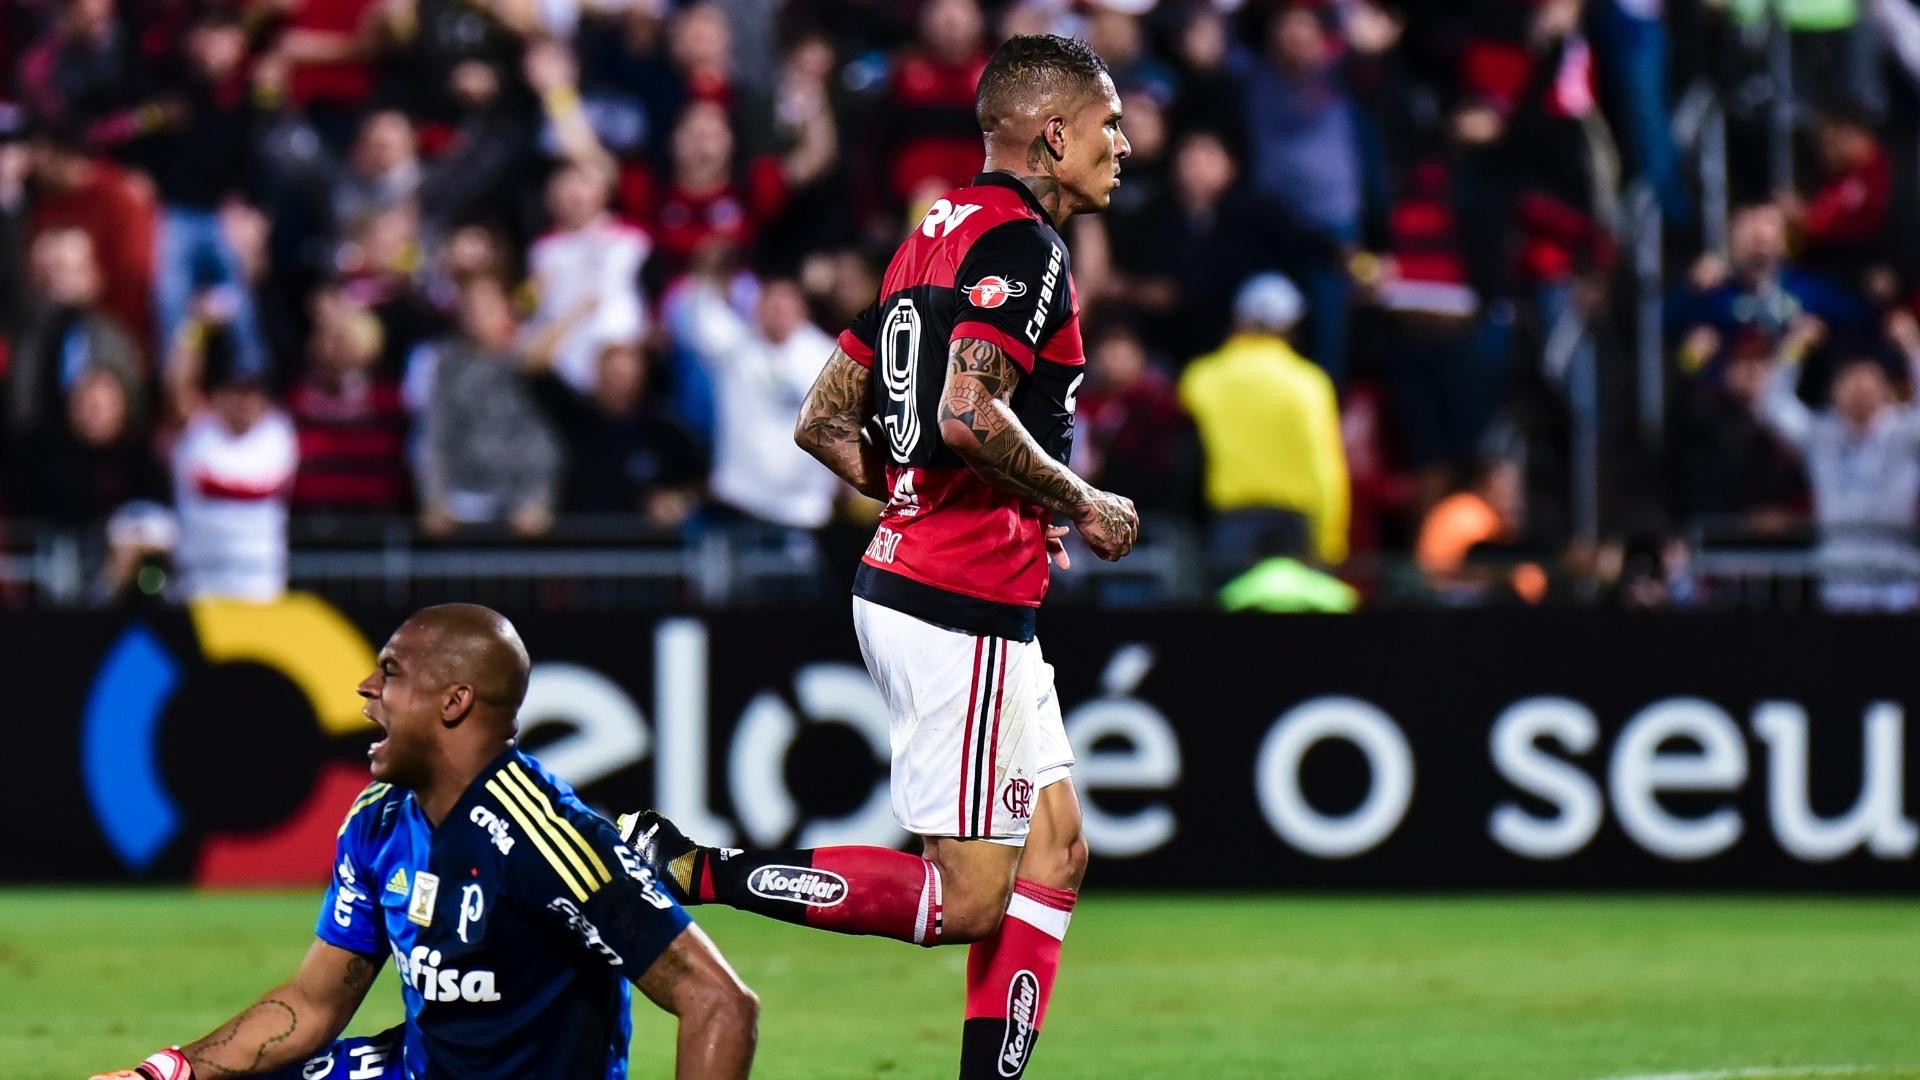 Guerrero empata para o Flamengo contra o Palmeiras na Ilha do Urubu